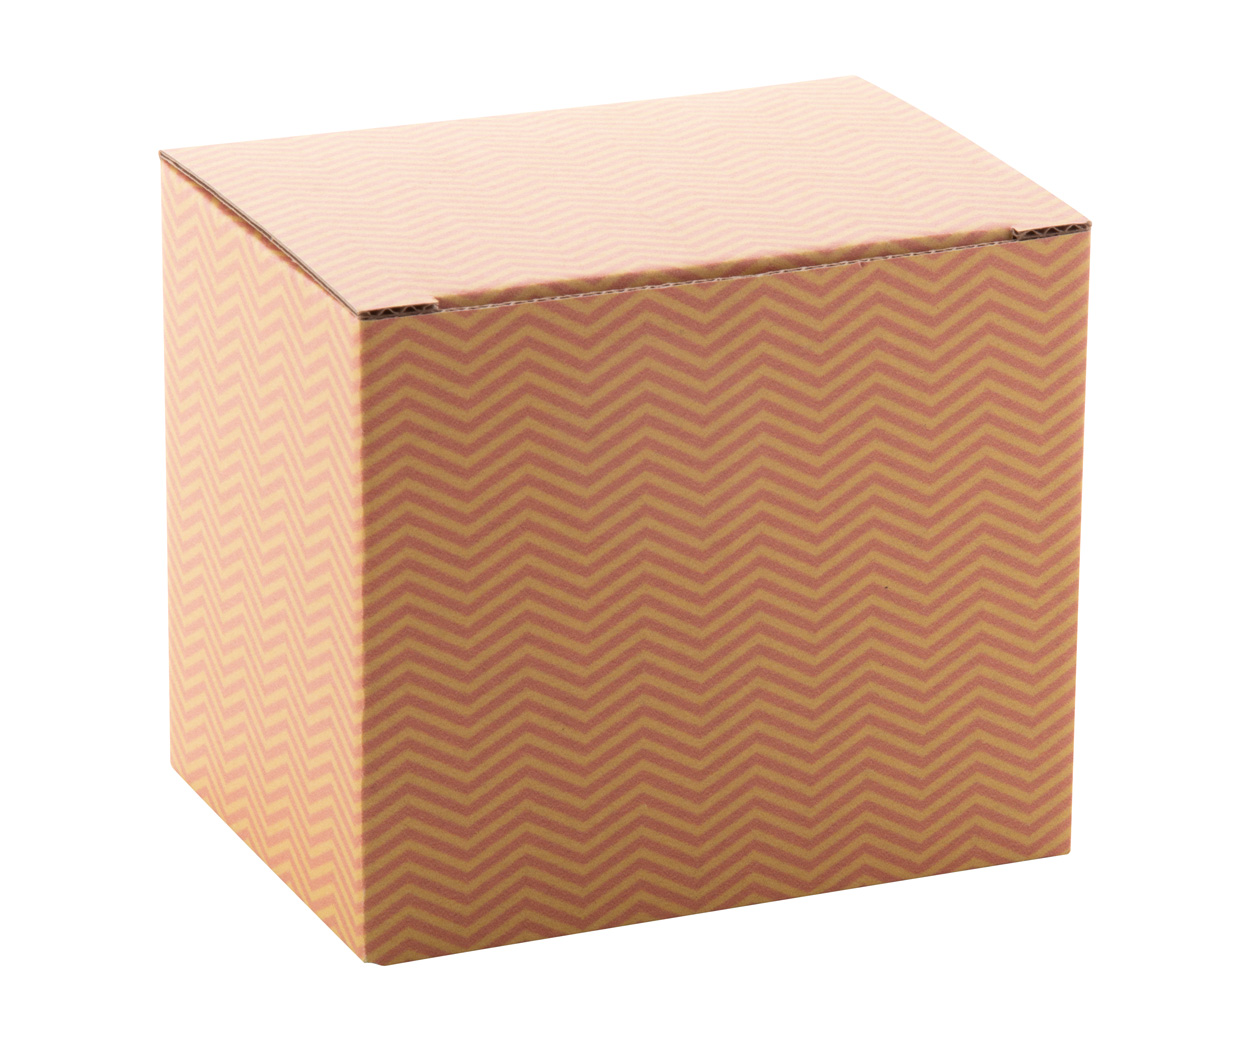 CreaBox Mug A custom box